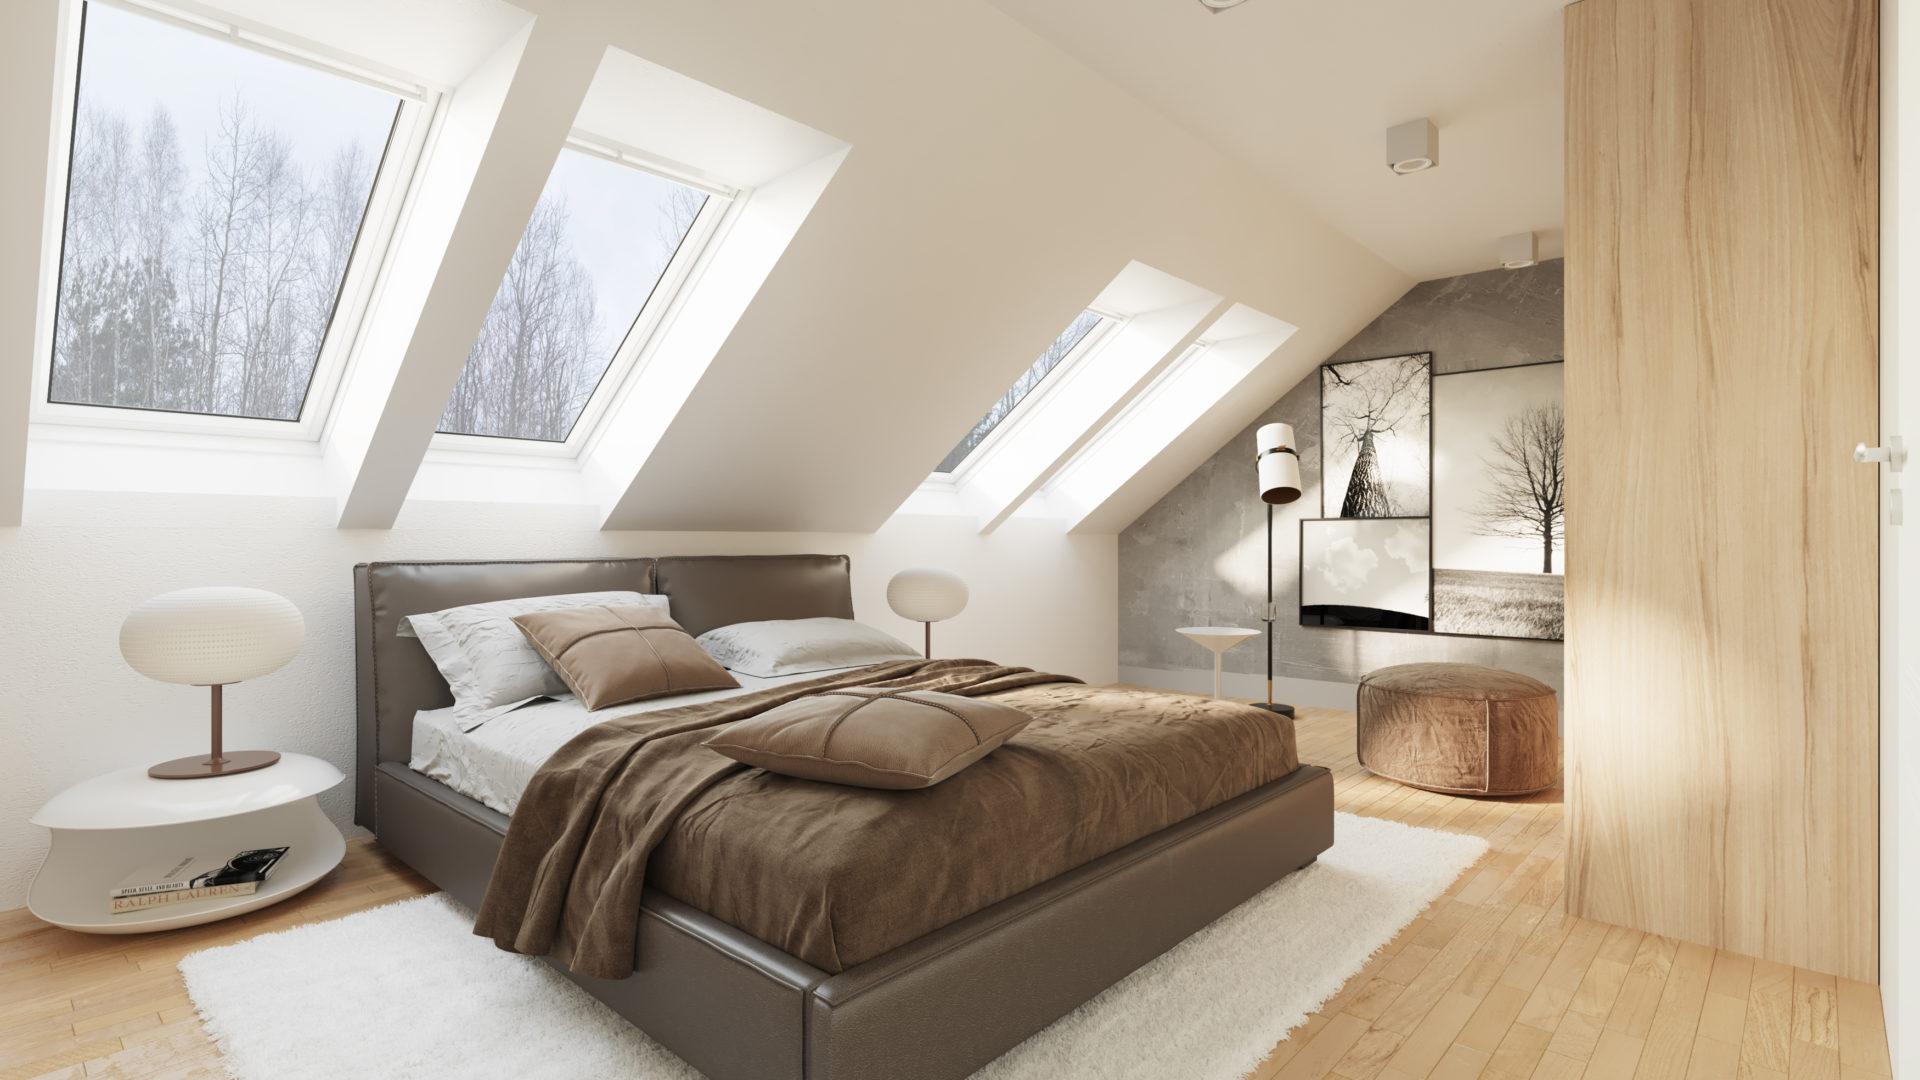 Eichholzstraße_bedroom_02